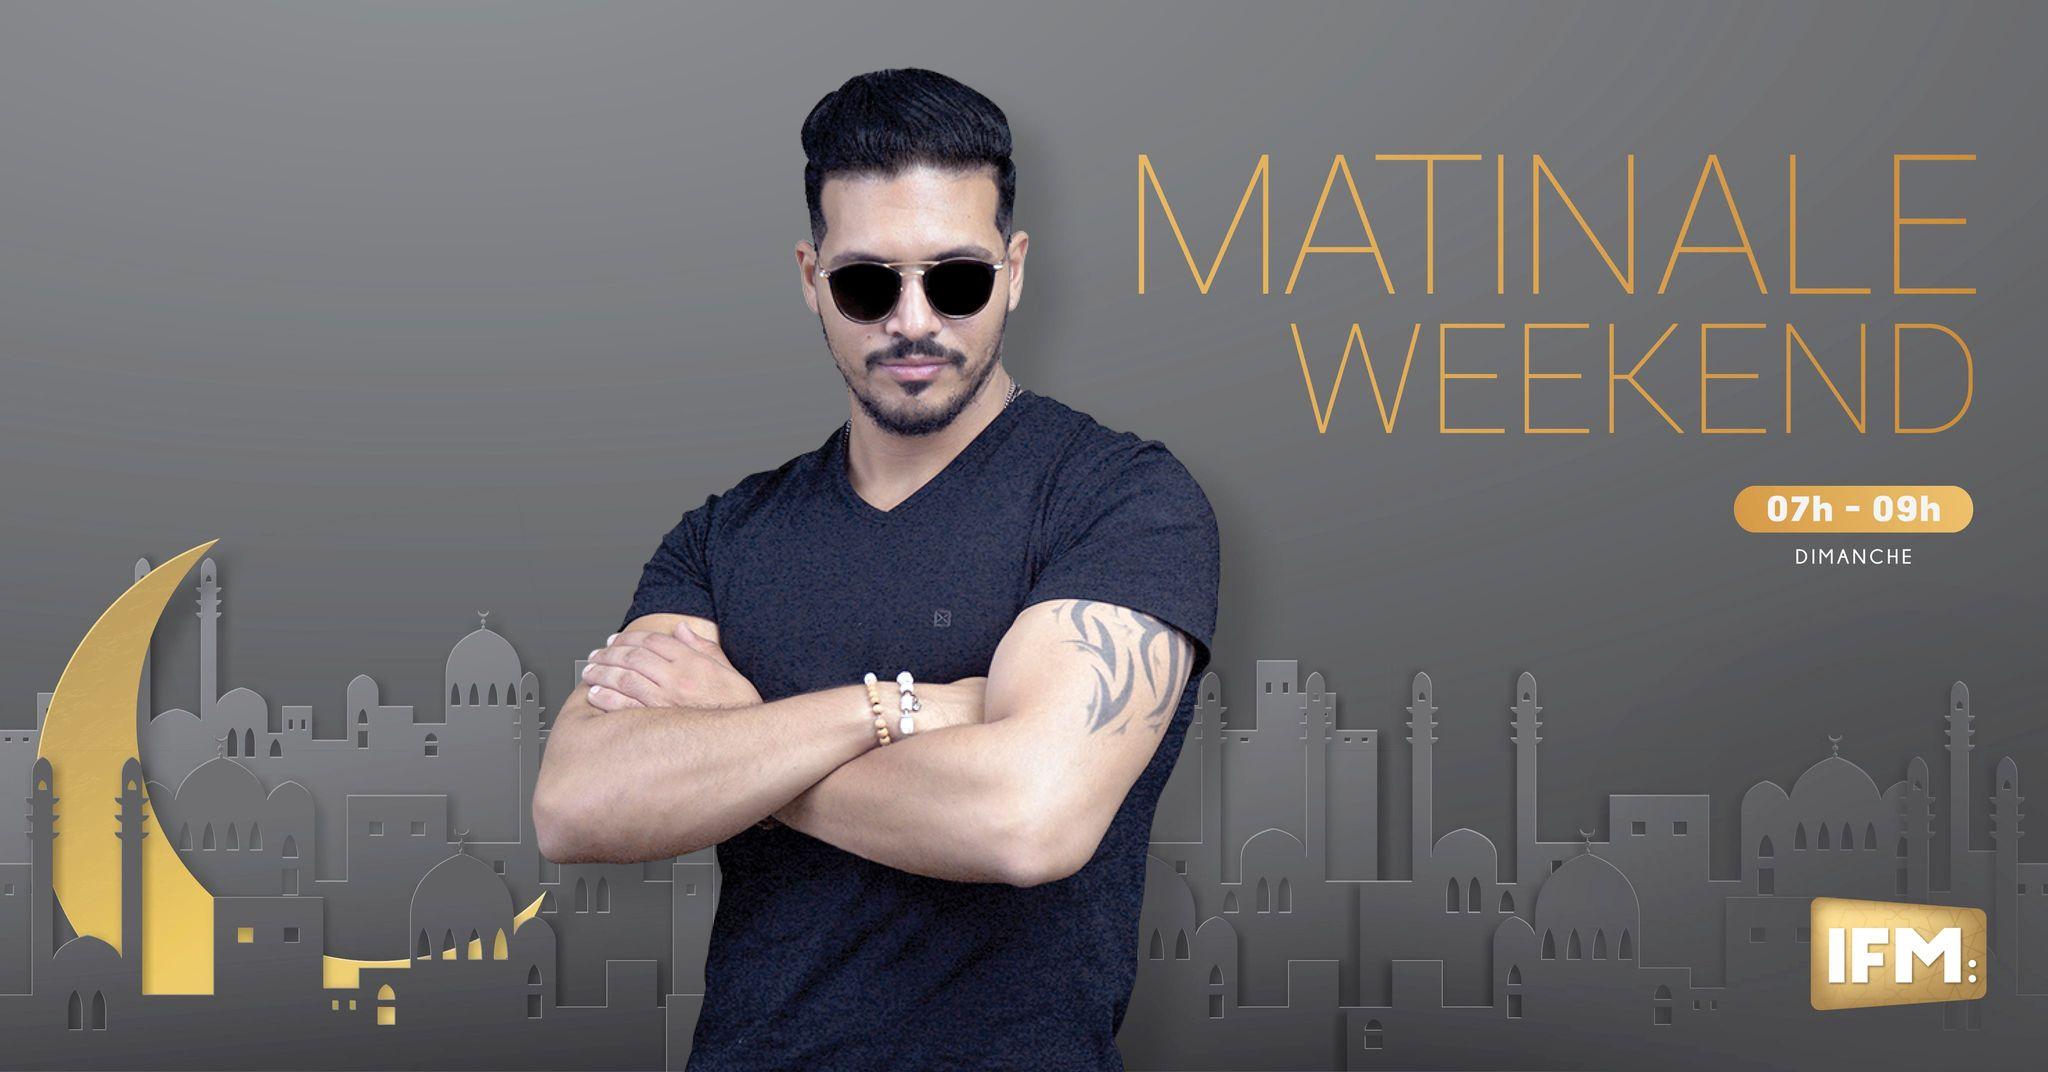 ماتينال الويكاند Matinale du Week End